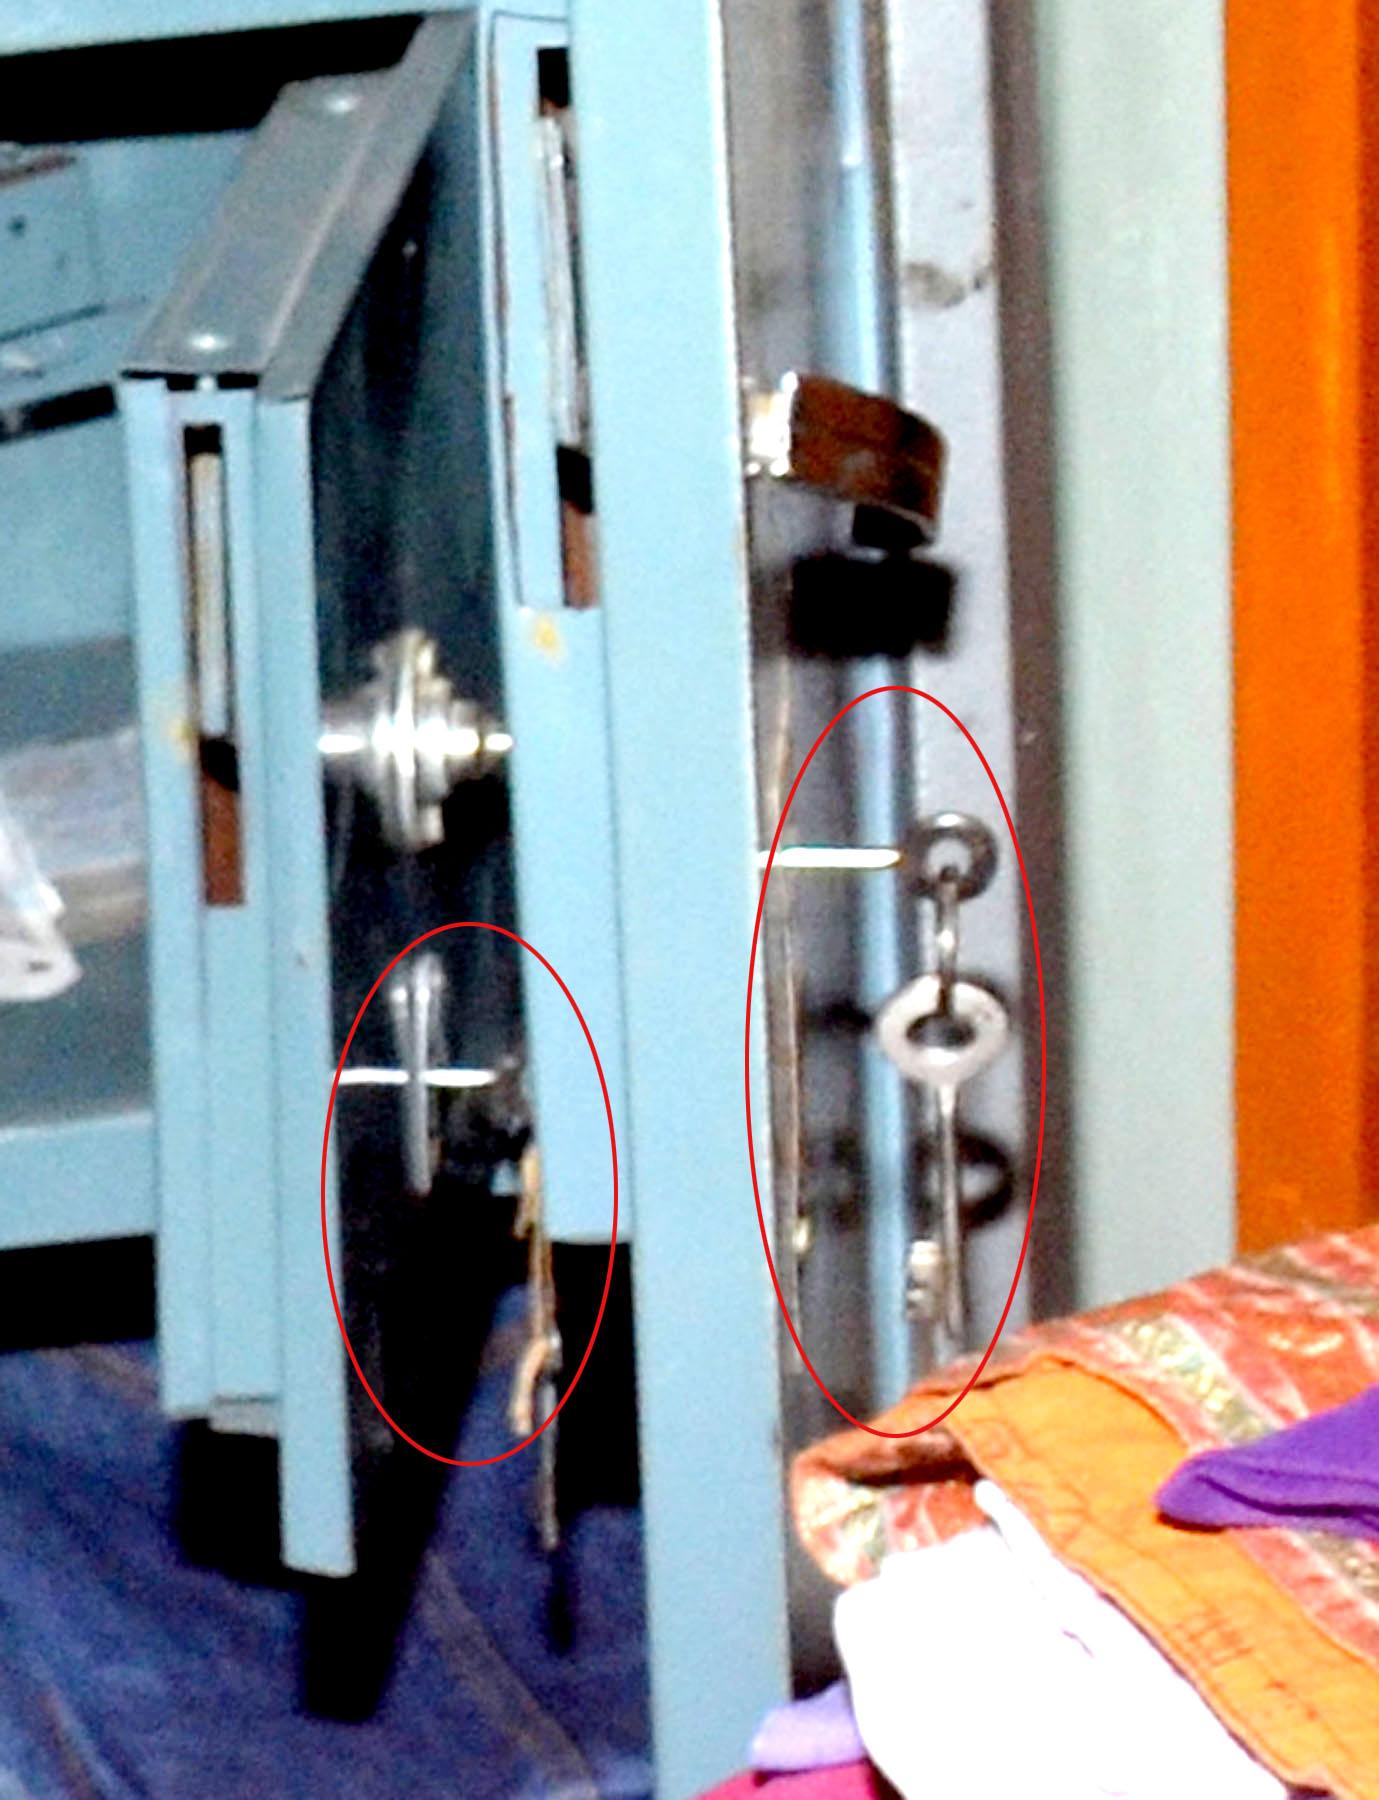 हेडमास्टर के सूने घर से पांच लाख की चोरी दराज में रखीं चाबियों से खोले लॉकर व ताले